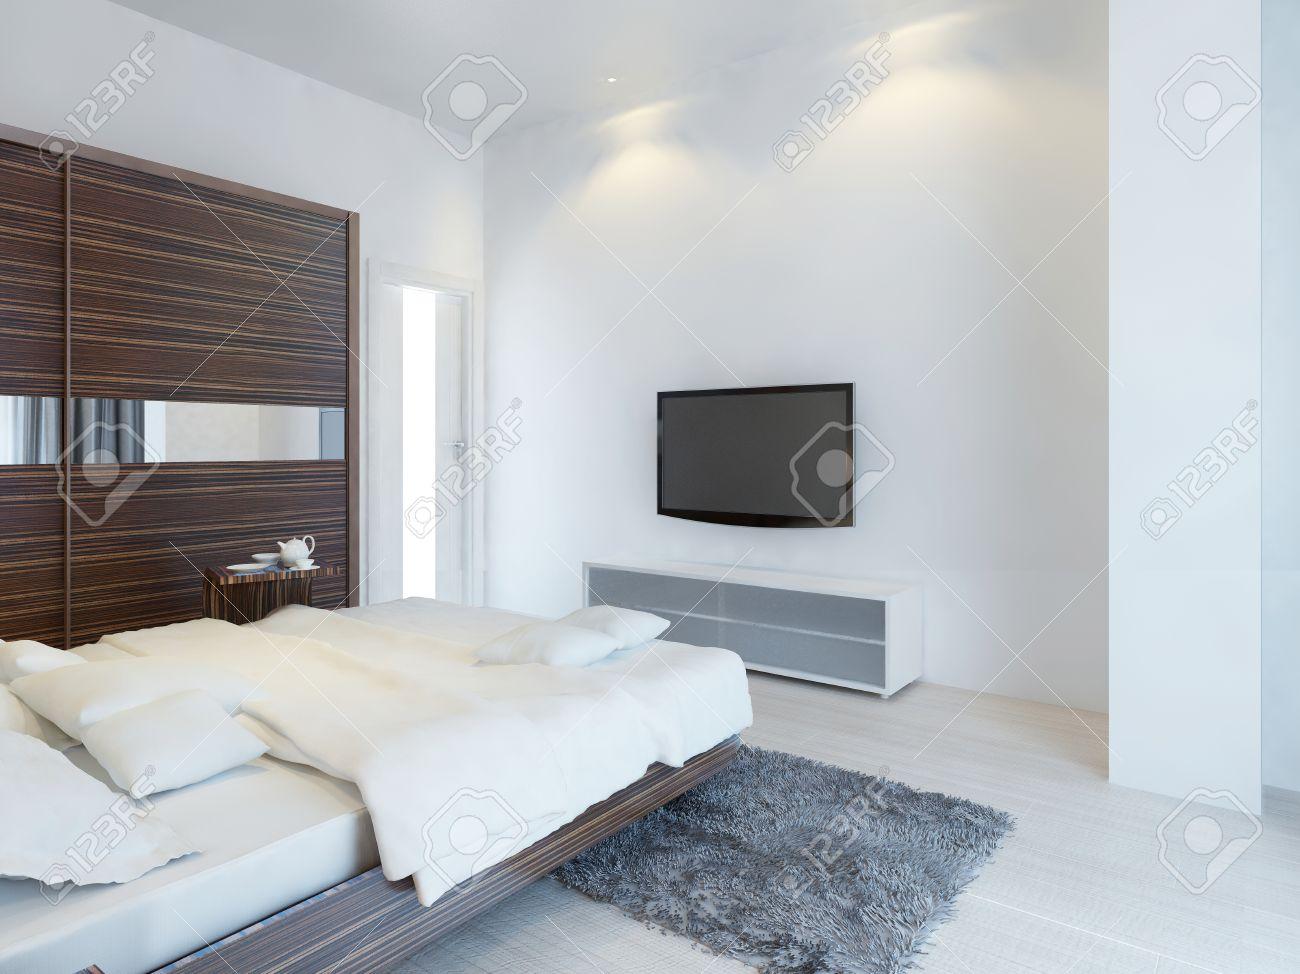 Chambre Avec Tv Et Une Console Multimedia Avec Une Grande Armoire Coulissante Avec Inserts De Miroir Les Meubles Du Zebrawood Rendu 3d